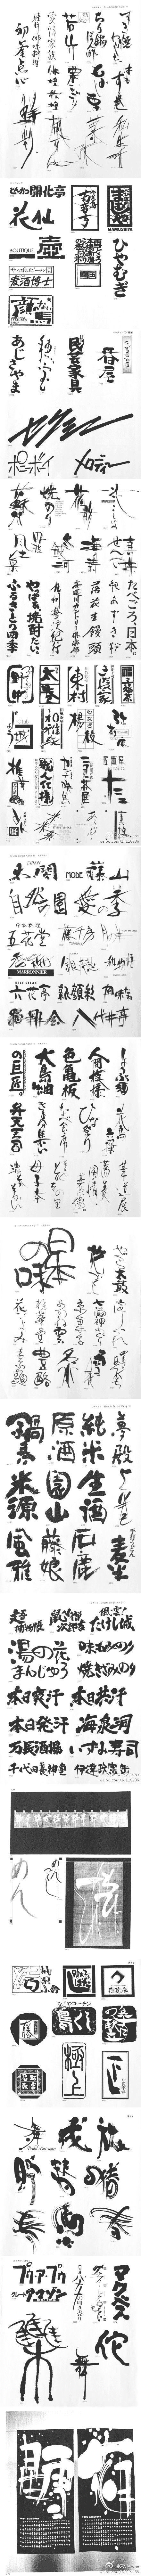 日本书法笔触字形的书写运用足够丰富多彩,...@☪贫僧♂采集到字体(1037图)_花瓣平面设计